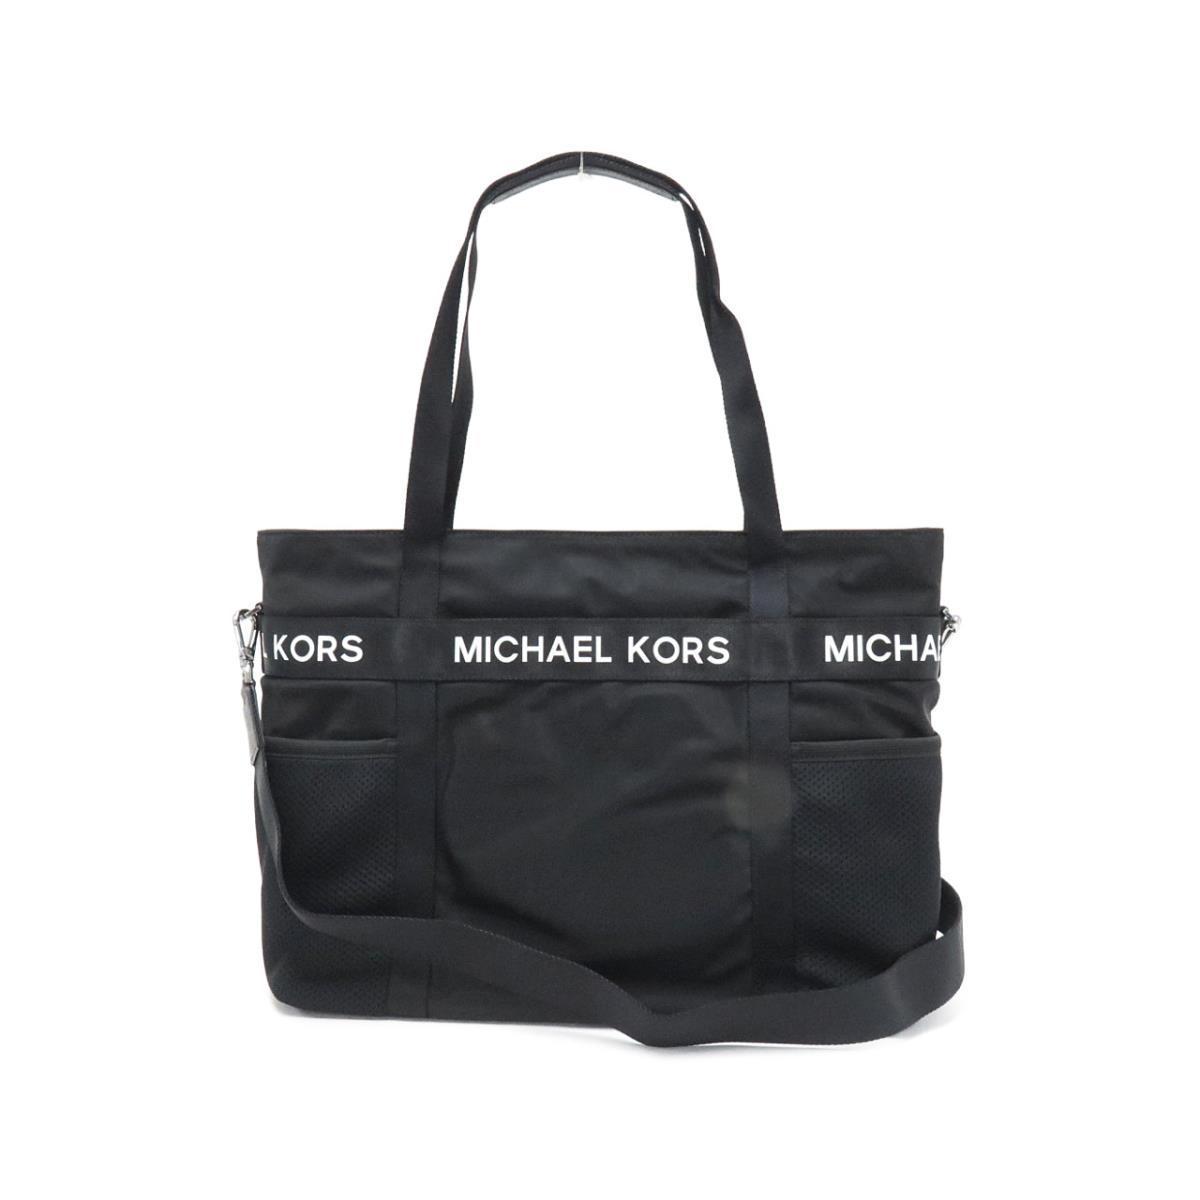 【新品】マイケルマイケルコース バッグ 30T8T01T3C【新品】